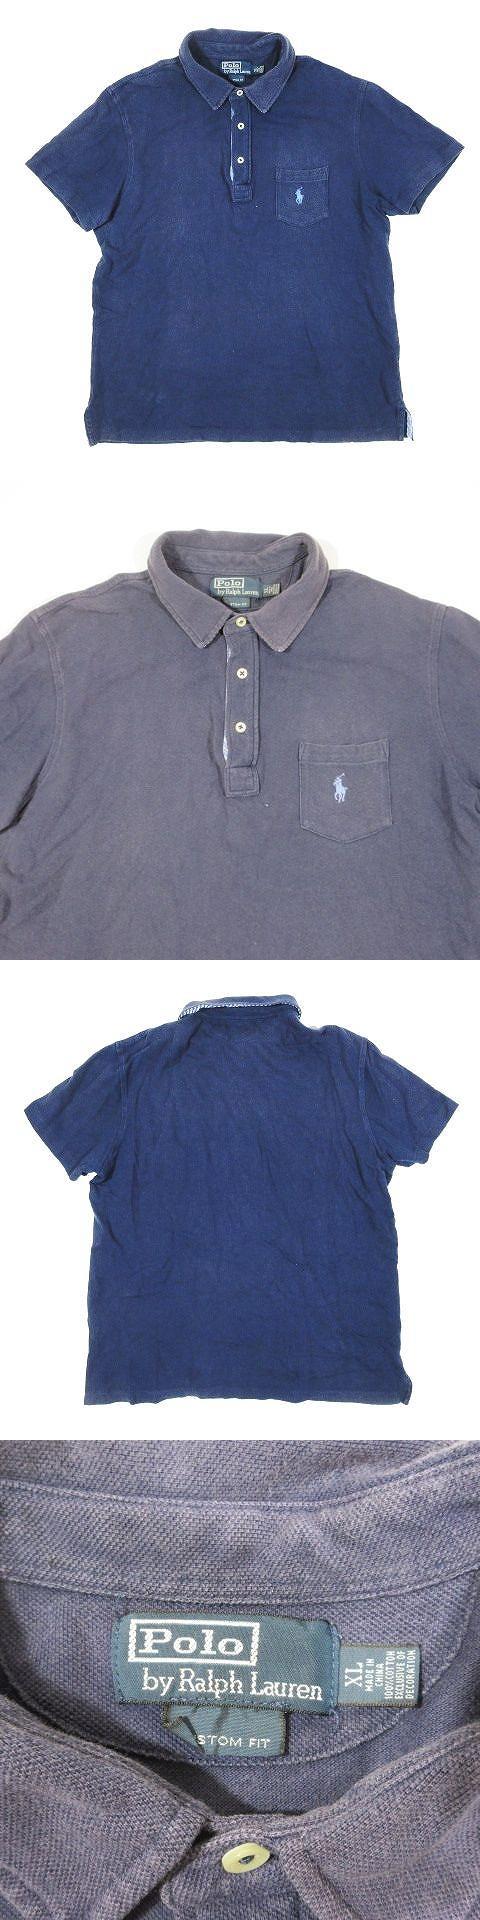 ポロシャツ 鹿の子 カノコ 半袖 ワンポイント ロゴ 刺繍 サイズXL ネイビー